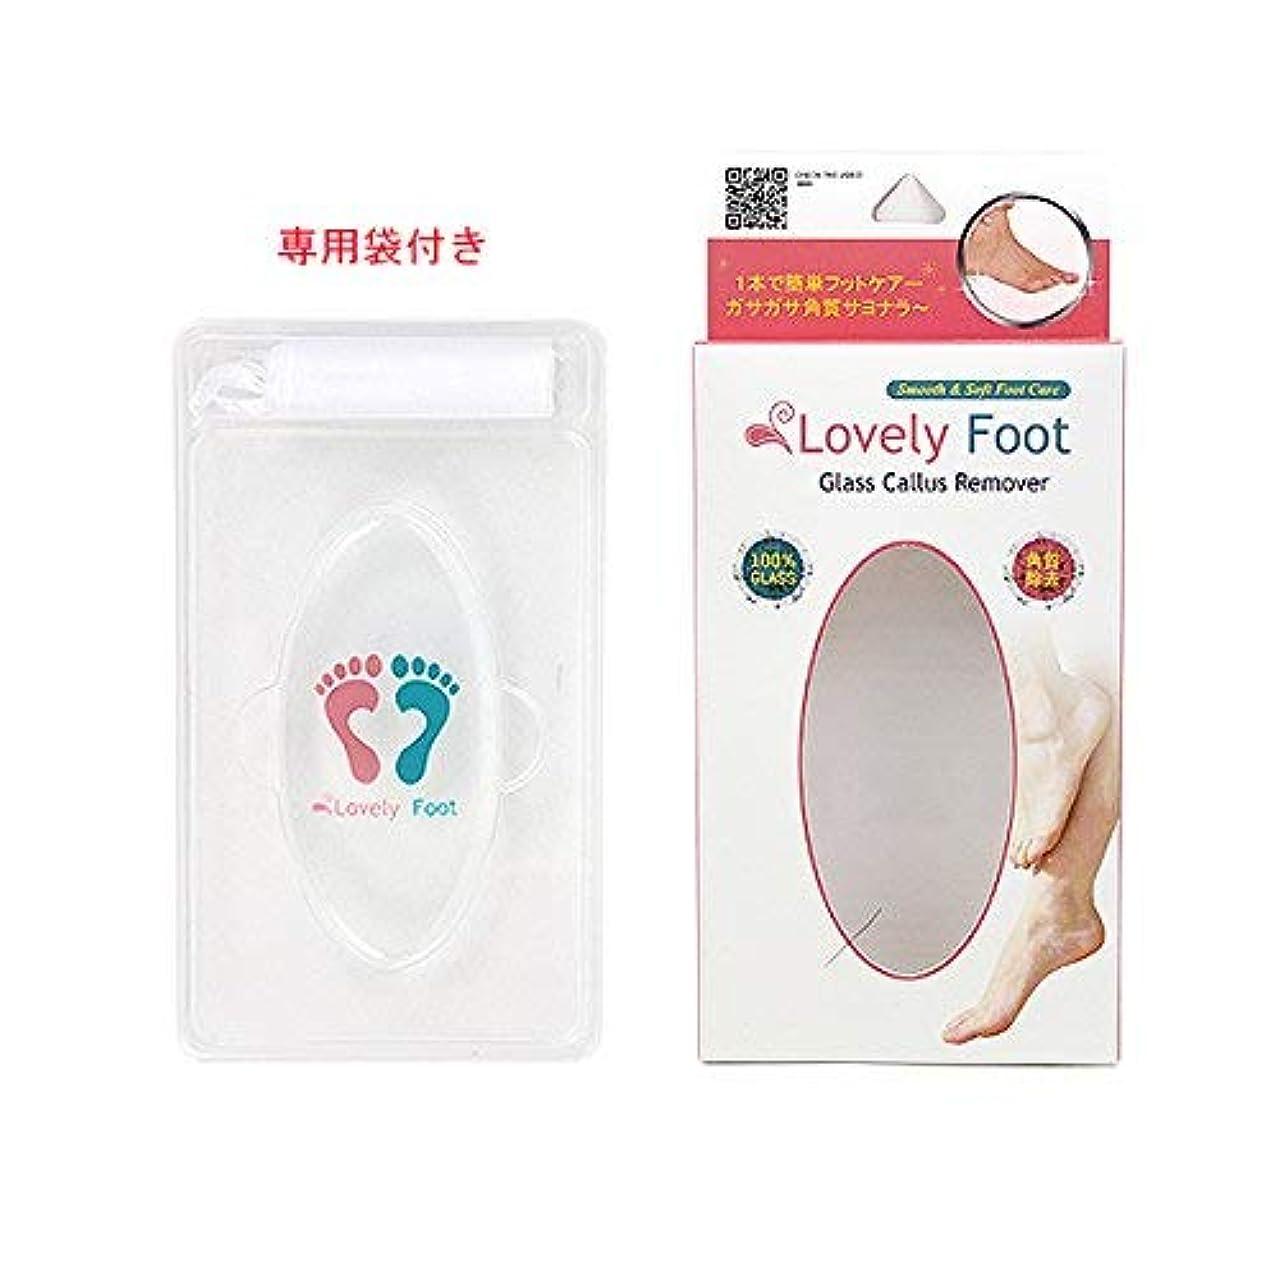 内陸反乱測定可能Lovely Foot Glass Callus Remover (ガラス角質取り)